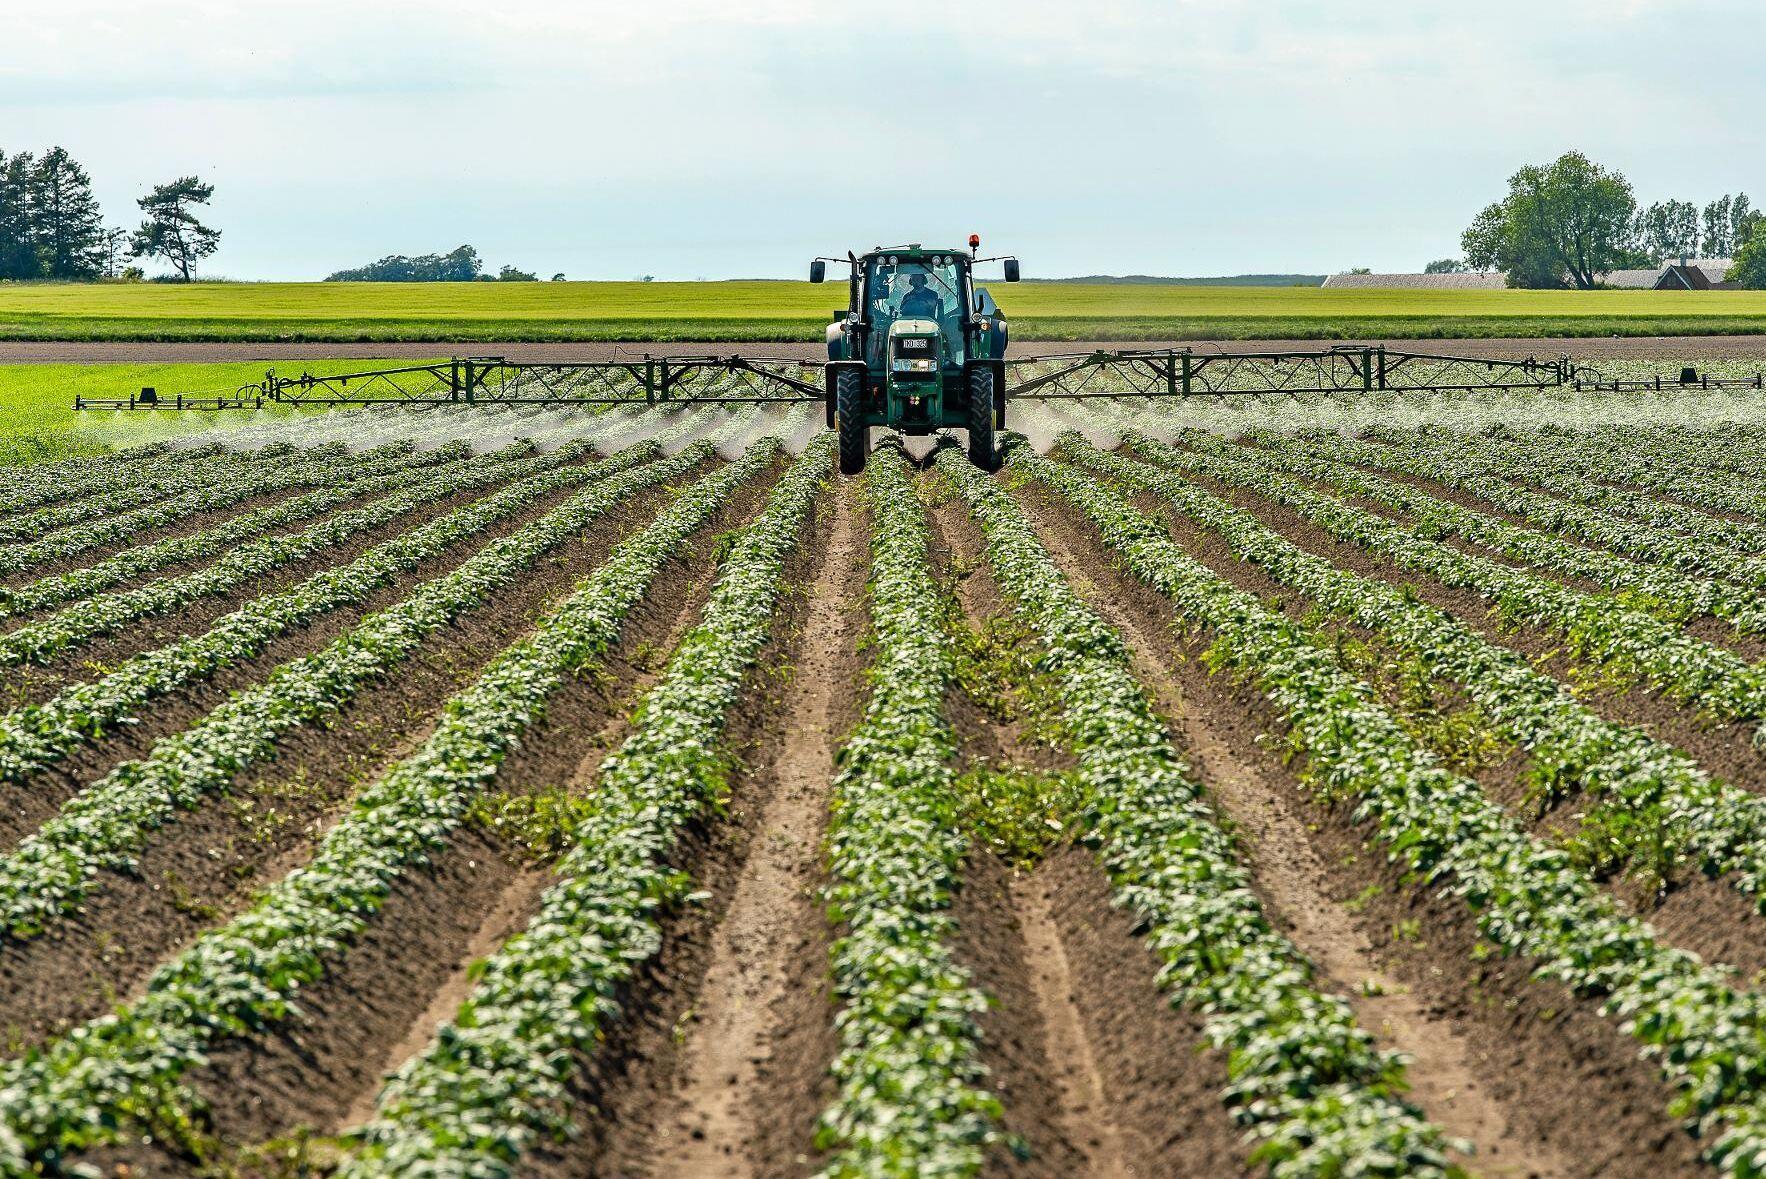 Användningen av kemiska växtskyddsmedel ska minska med 50 procent, enligt EU-kommissionens nya handlingsplan.